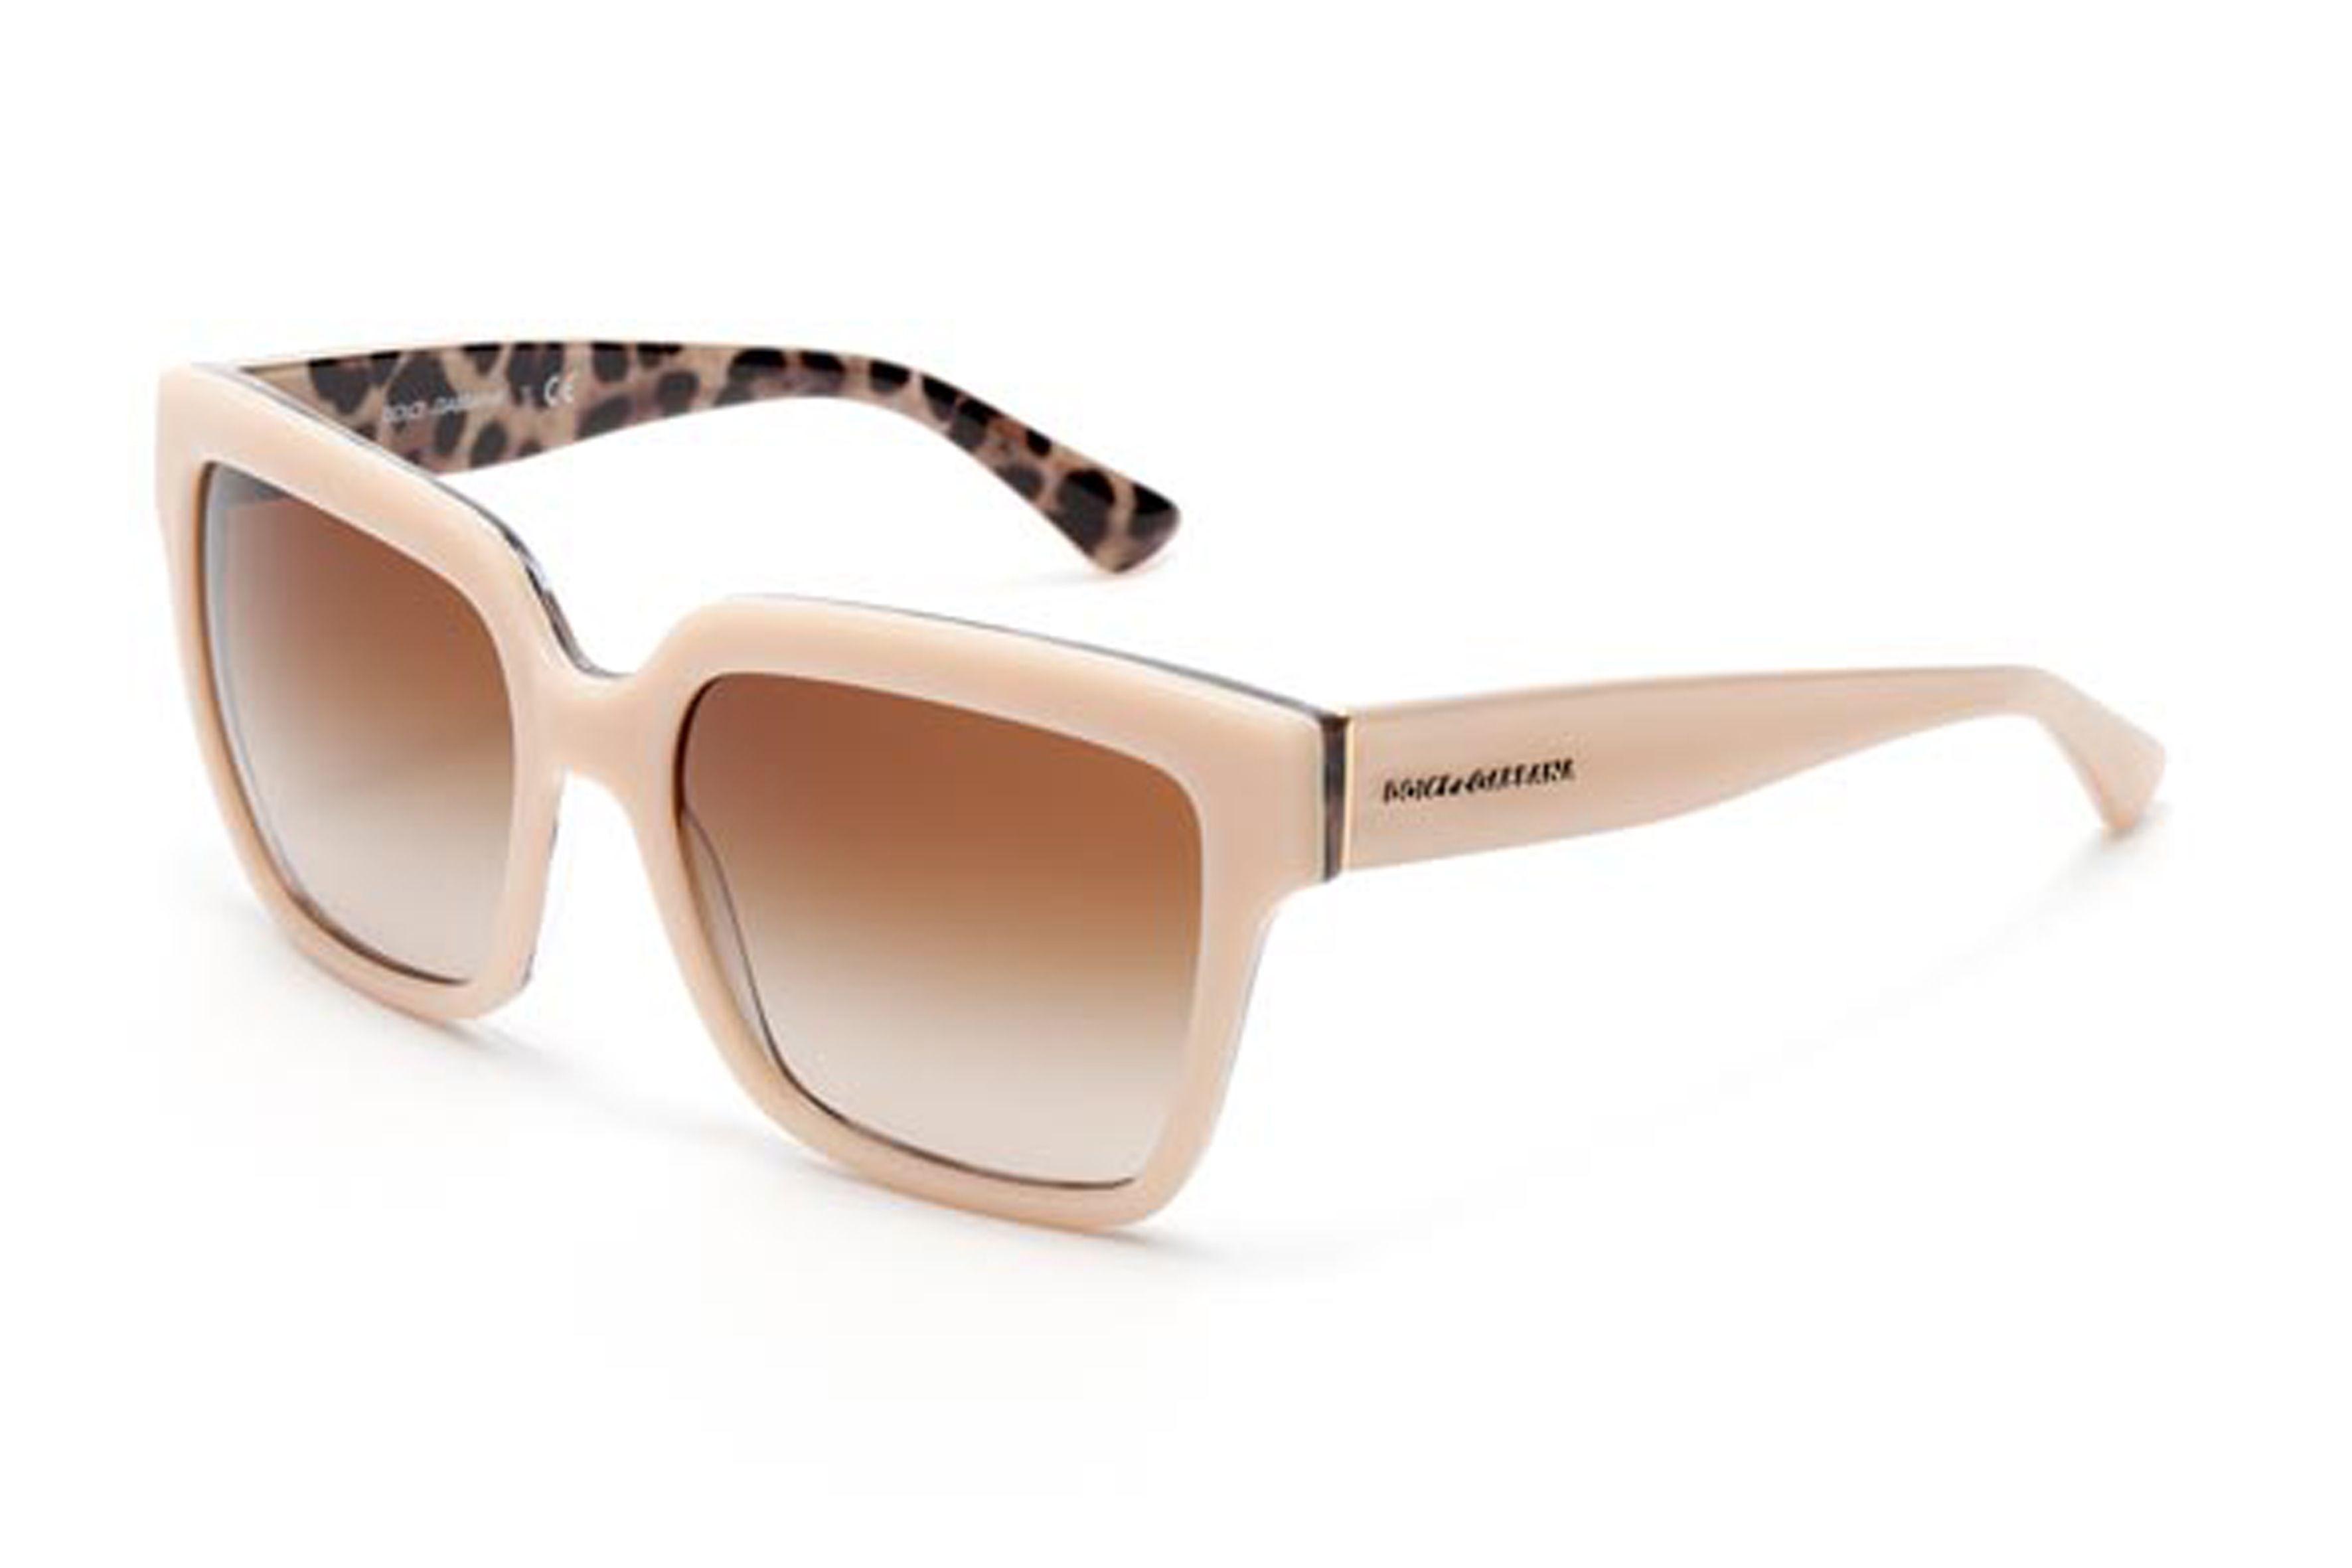 Solaires - Dolce Gabbana - 163€   Janette fait ses emplettes SS15 ... cf971c50a631